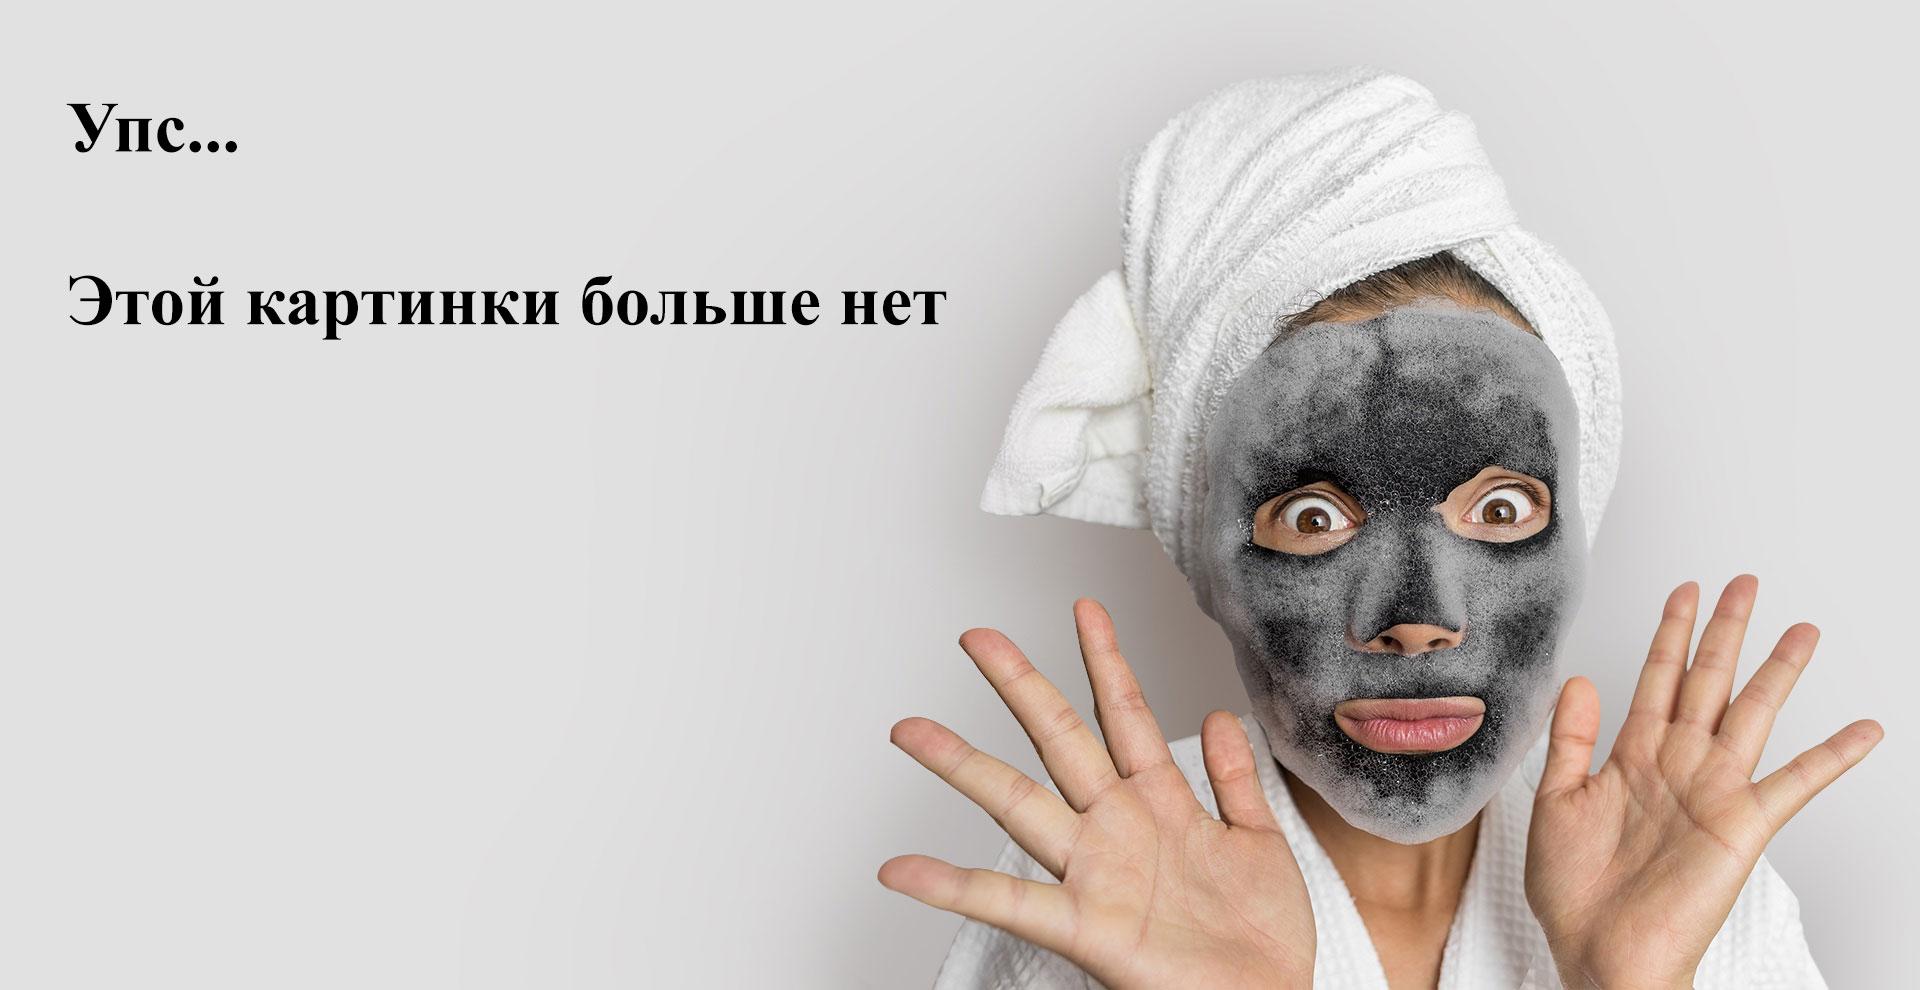 Domix, «Жидкое лезвие», Средство для мацерации и мокрого маникюра, 500 мл